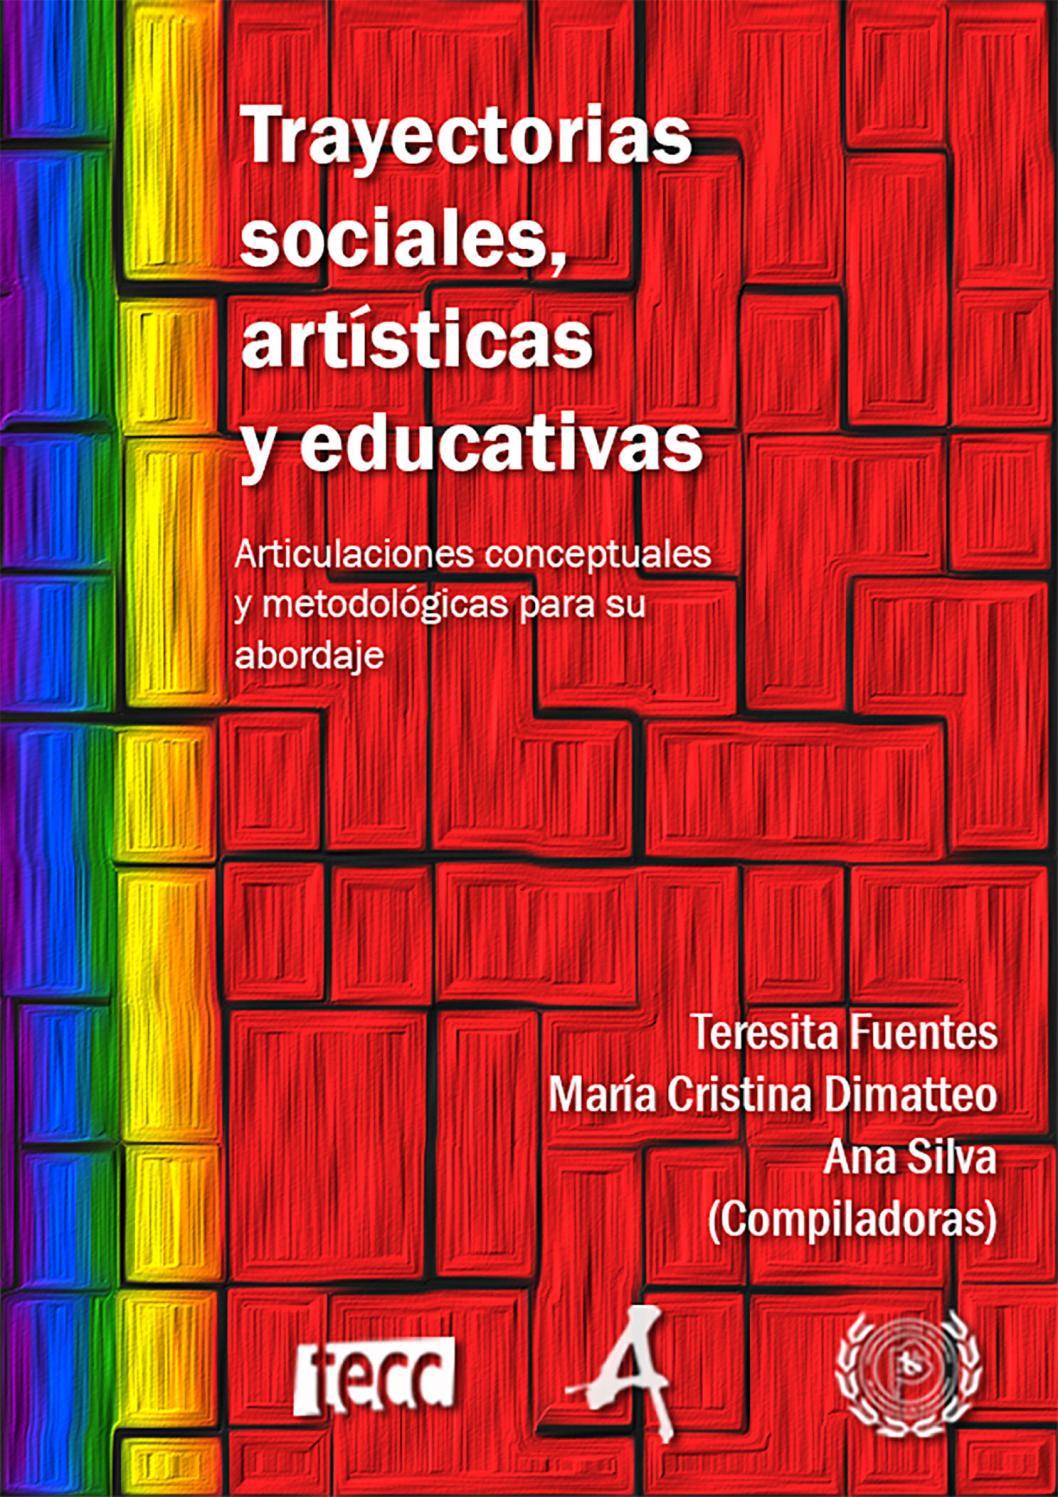 Trayectorias sociales, artísticas y educativas by Facultad de Arte ...